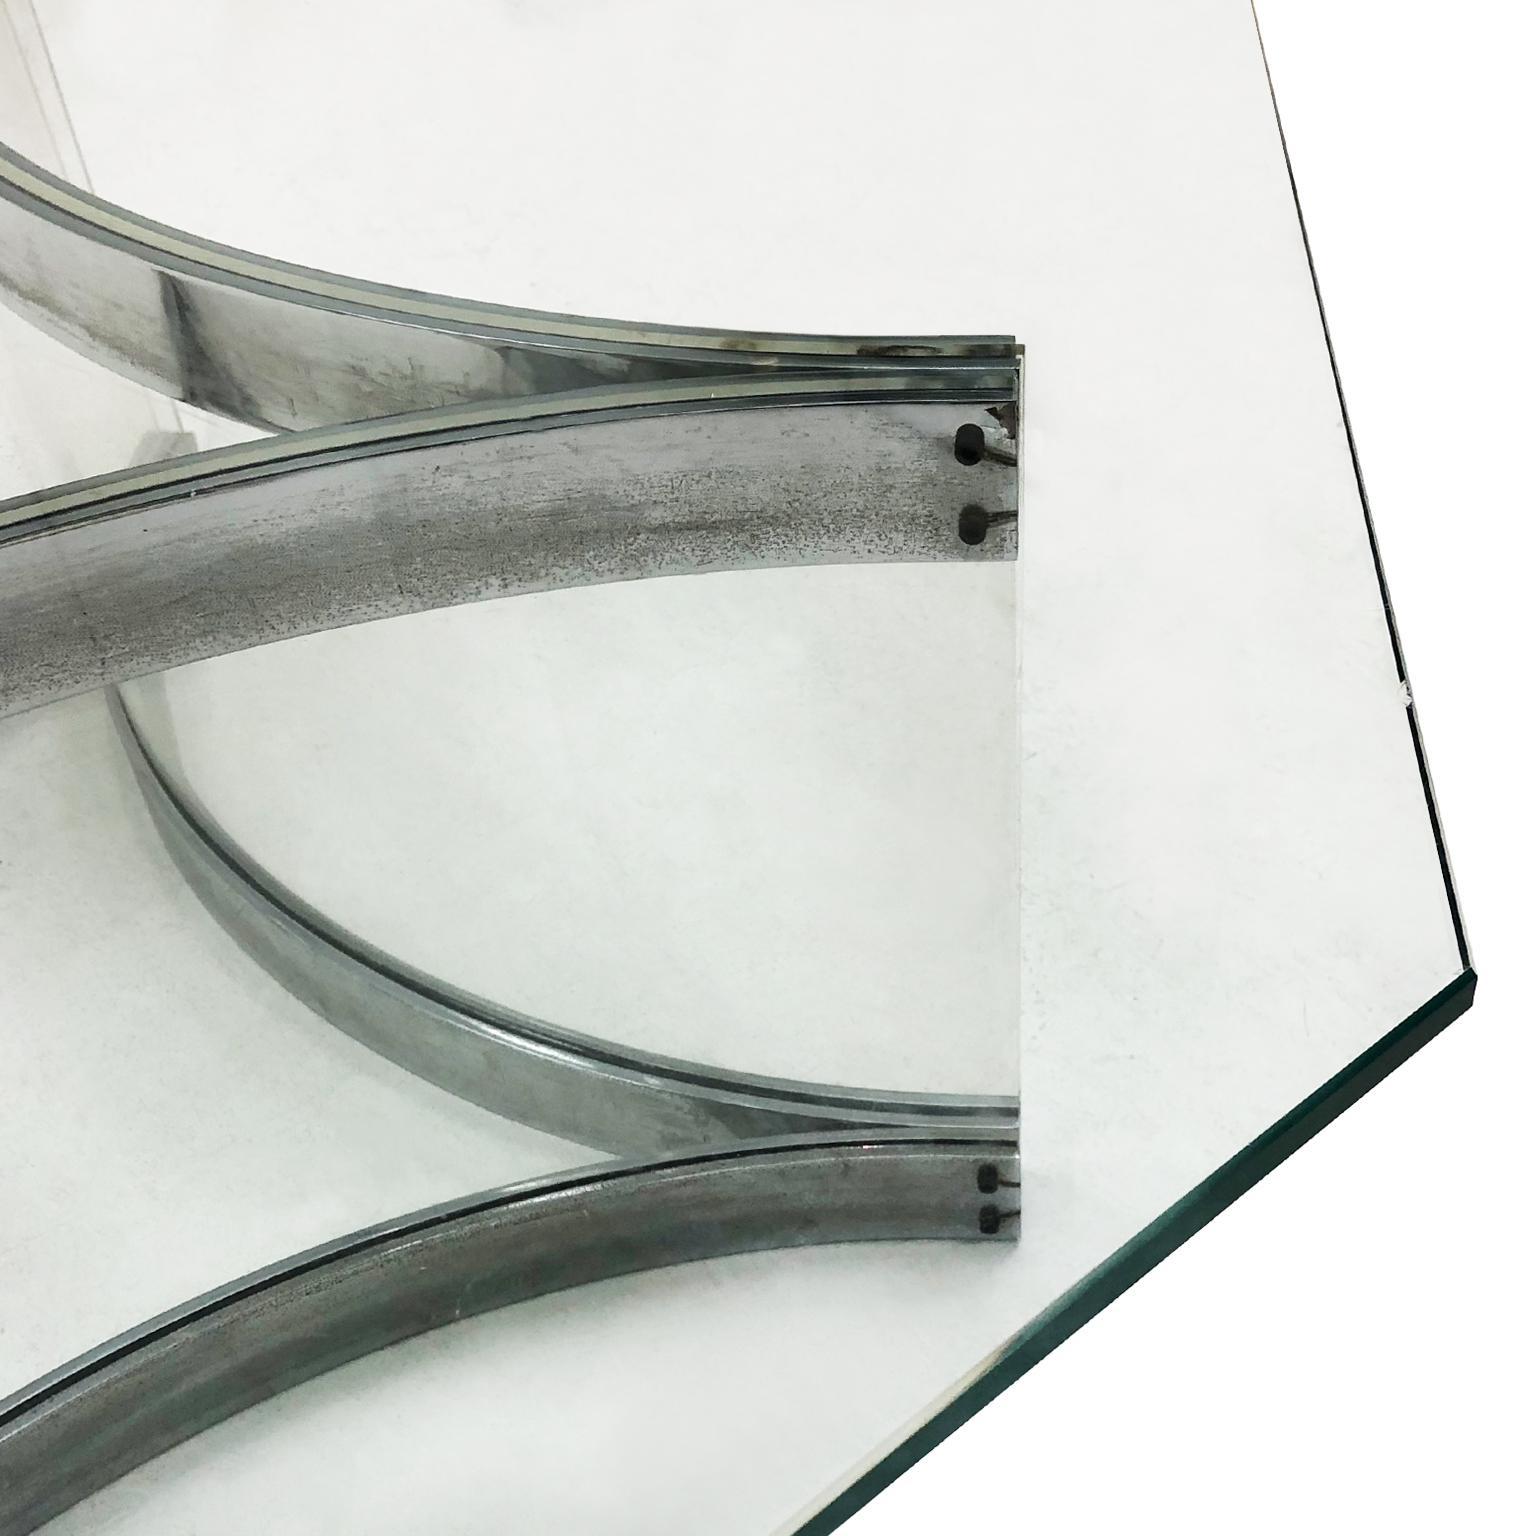 italienischer achteckiger chrom und plexiglas couchtisch von alessandro albrizzi 1970er im angebot bei 1stdibs